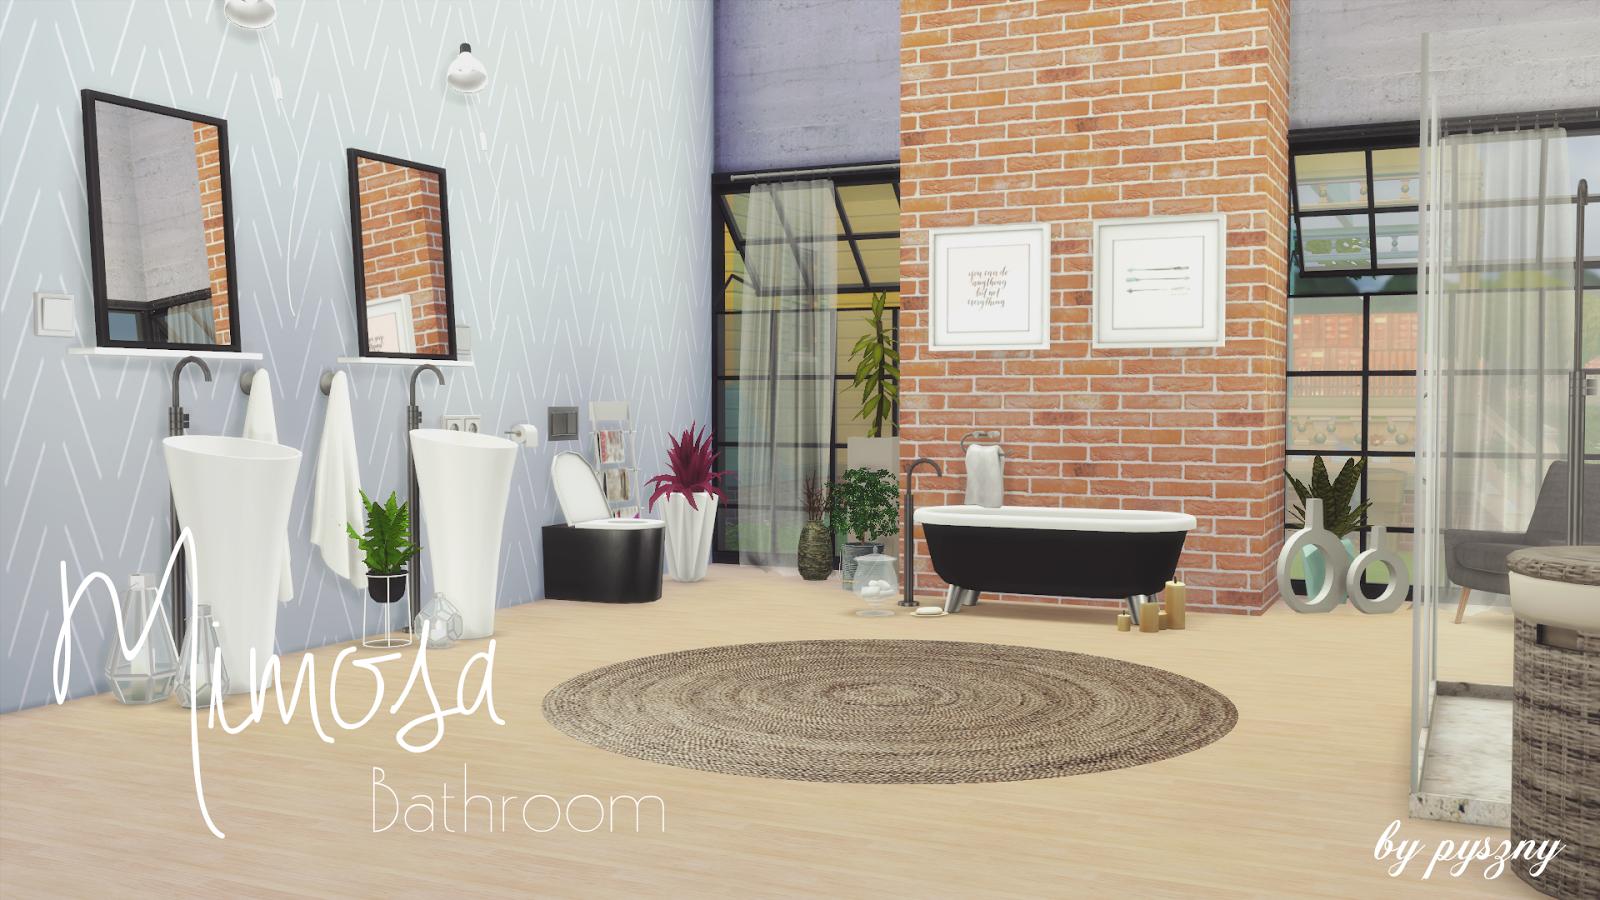 Mimosa Bathroom set! on blue sky design, dj design, er design, setzer design, dy design, ns design, pi design, l.a. design, berserk design, color design,